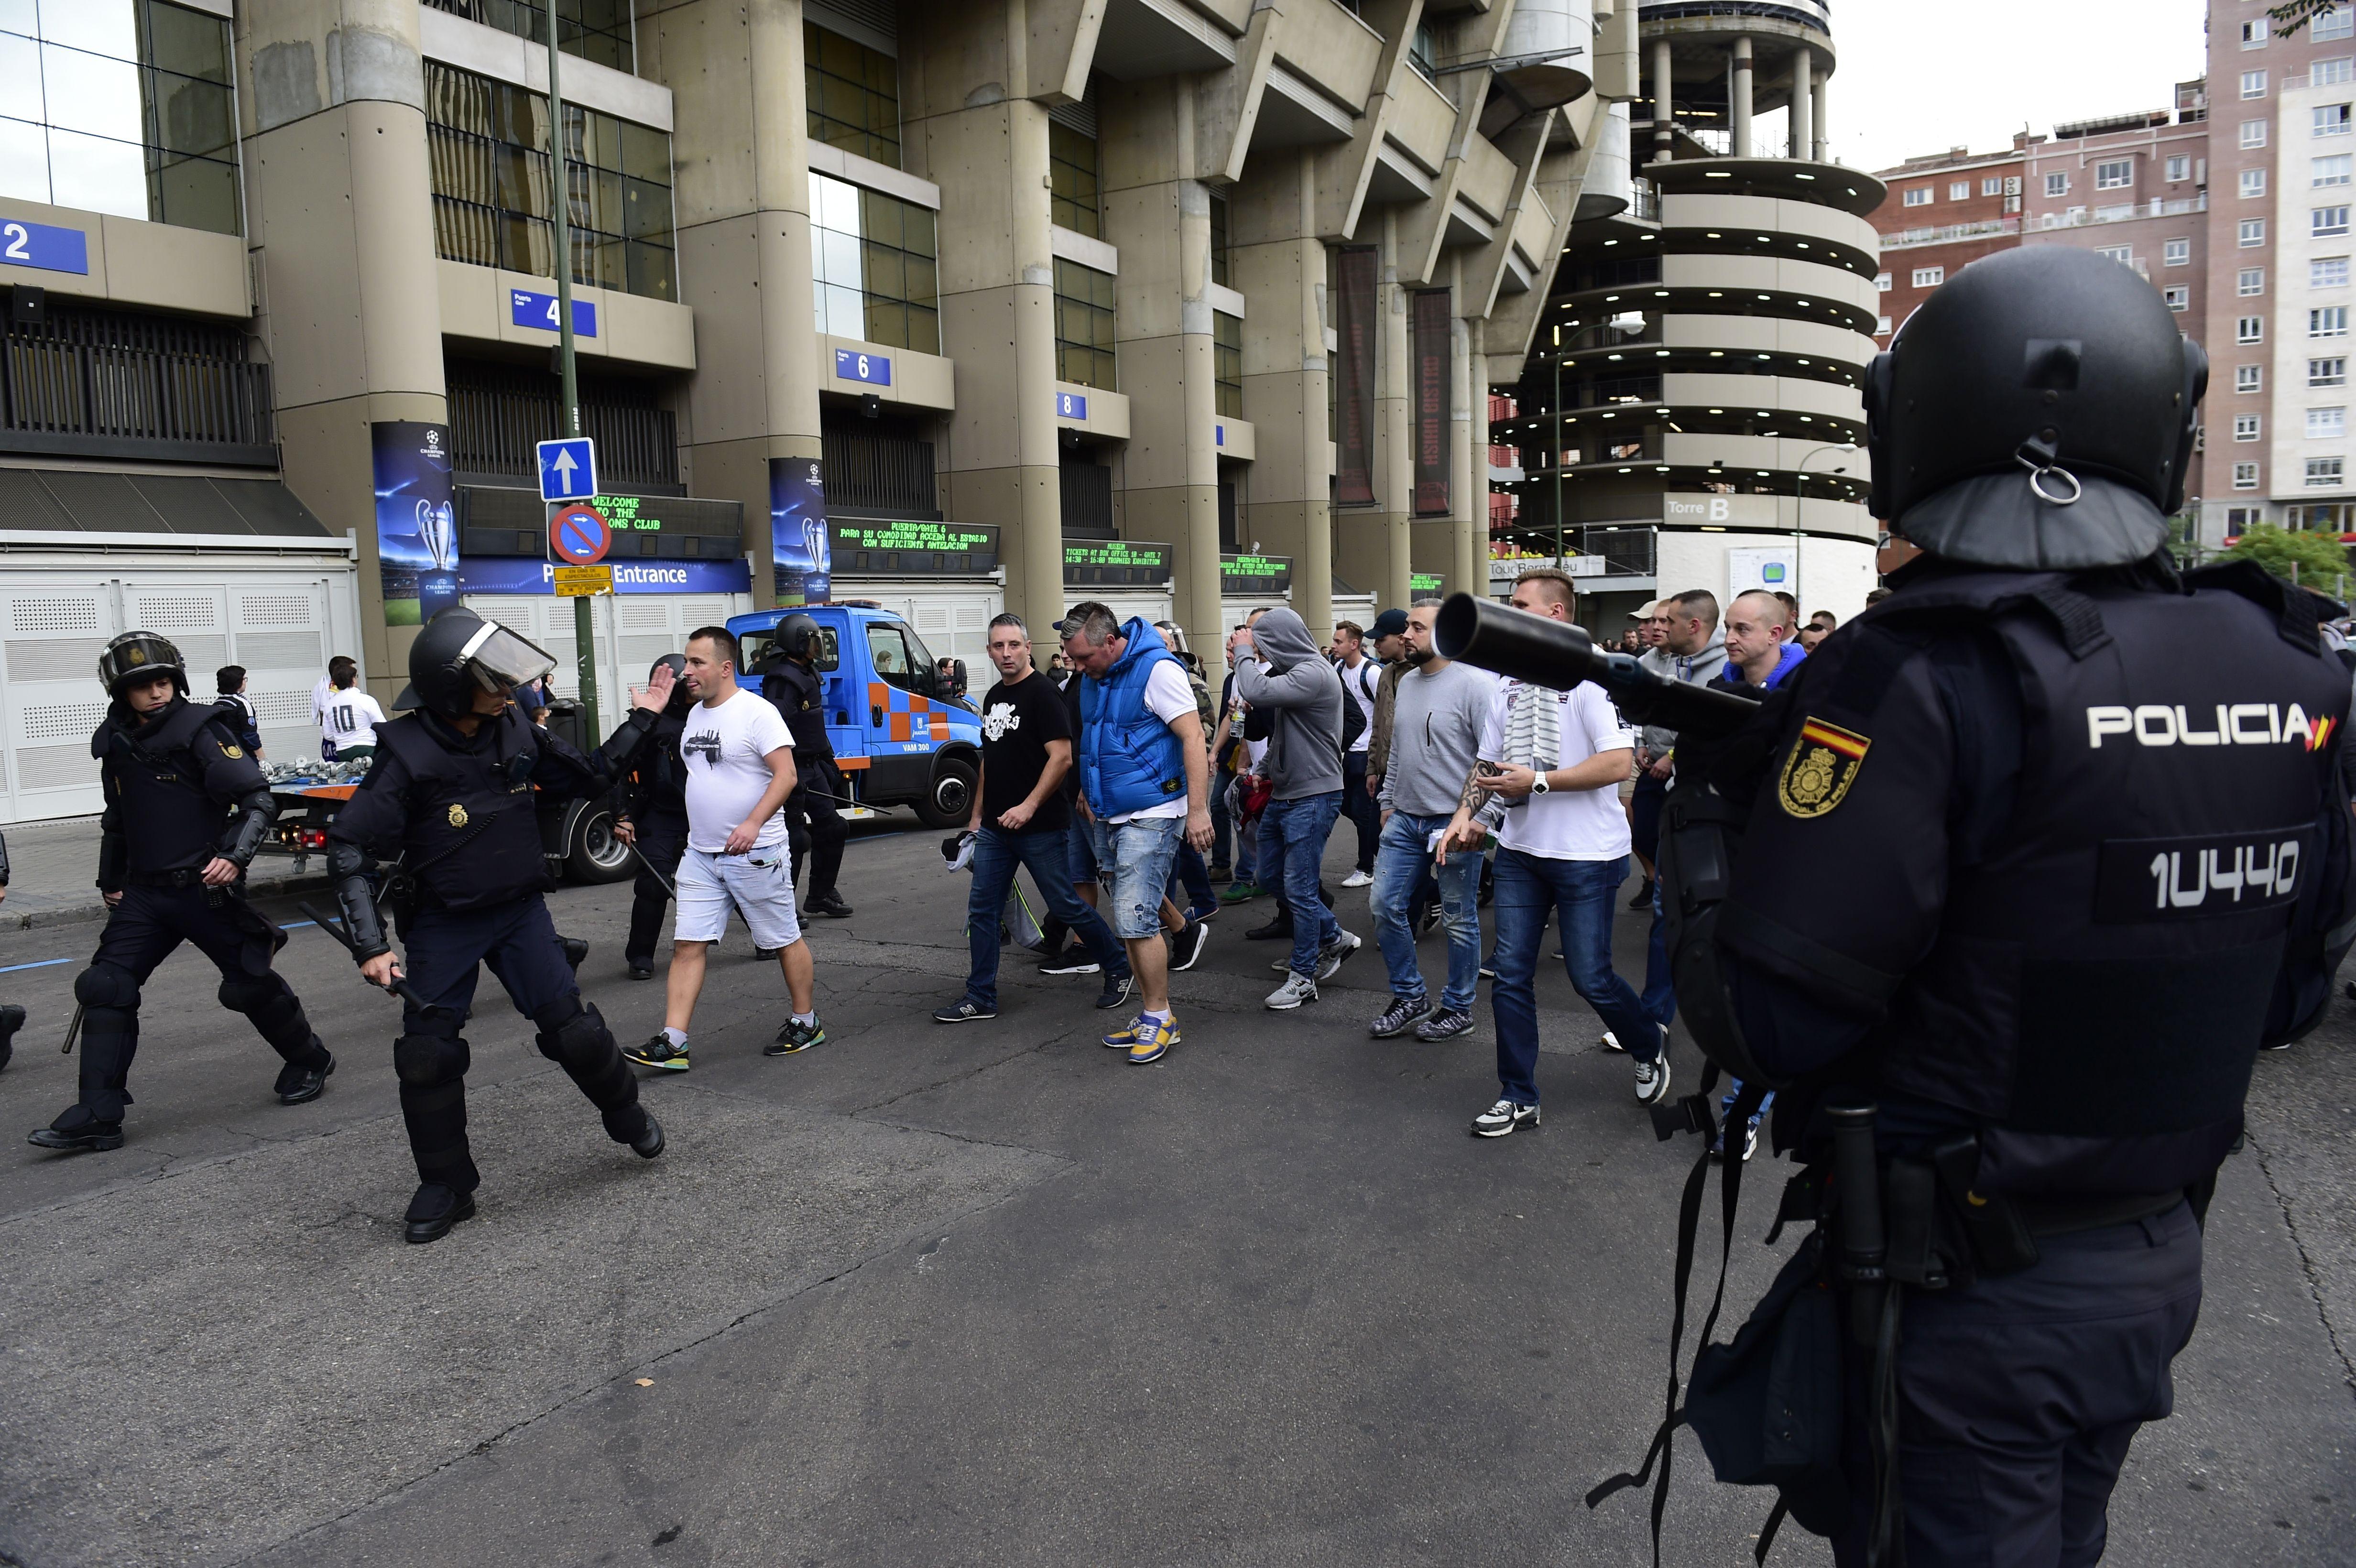 Los ultras del Legia Varsovia produjeron incidentes en Madrid